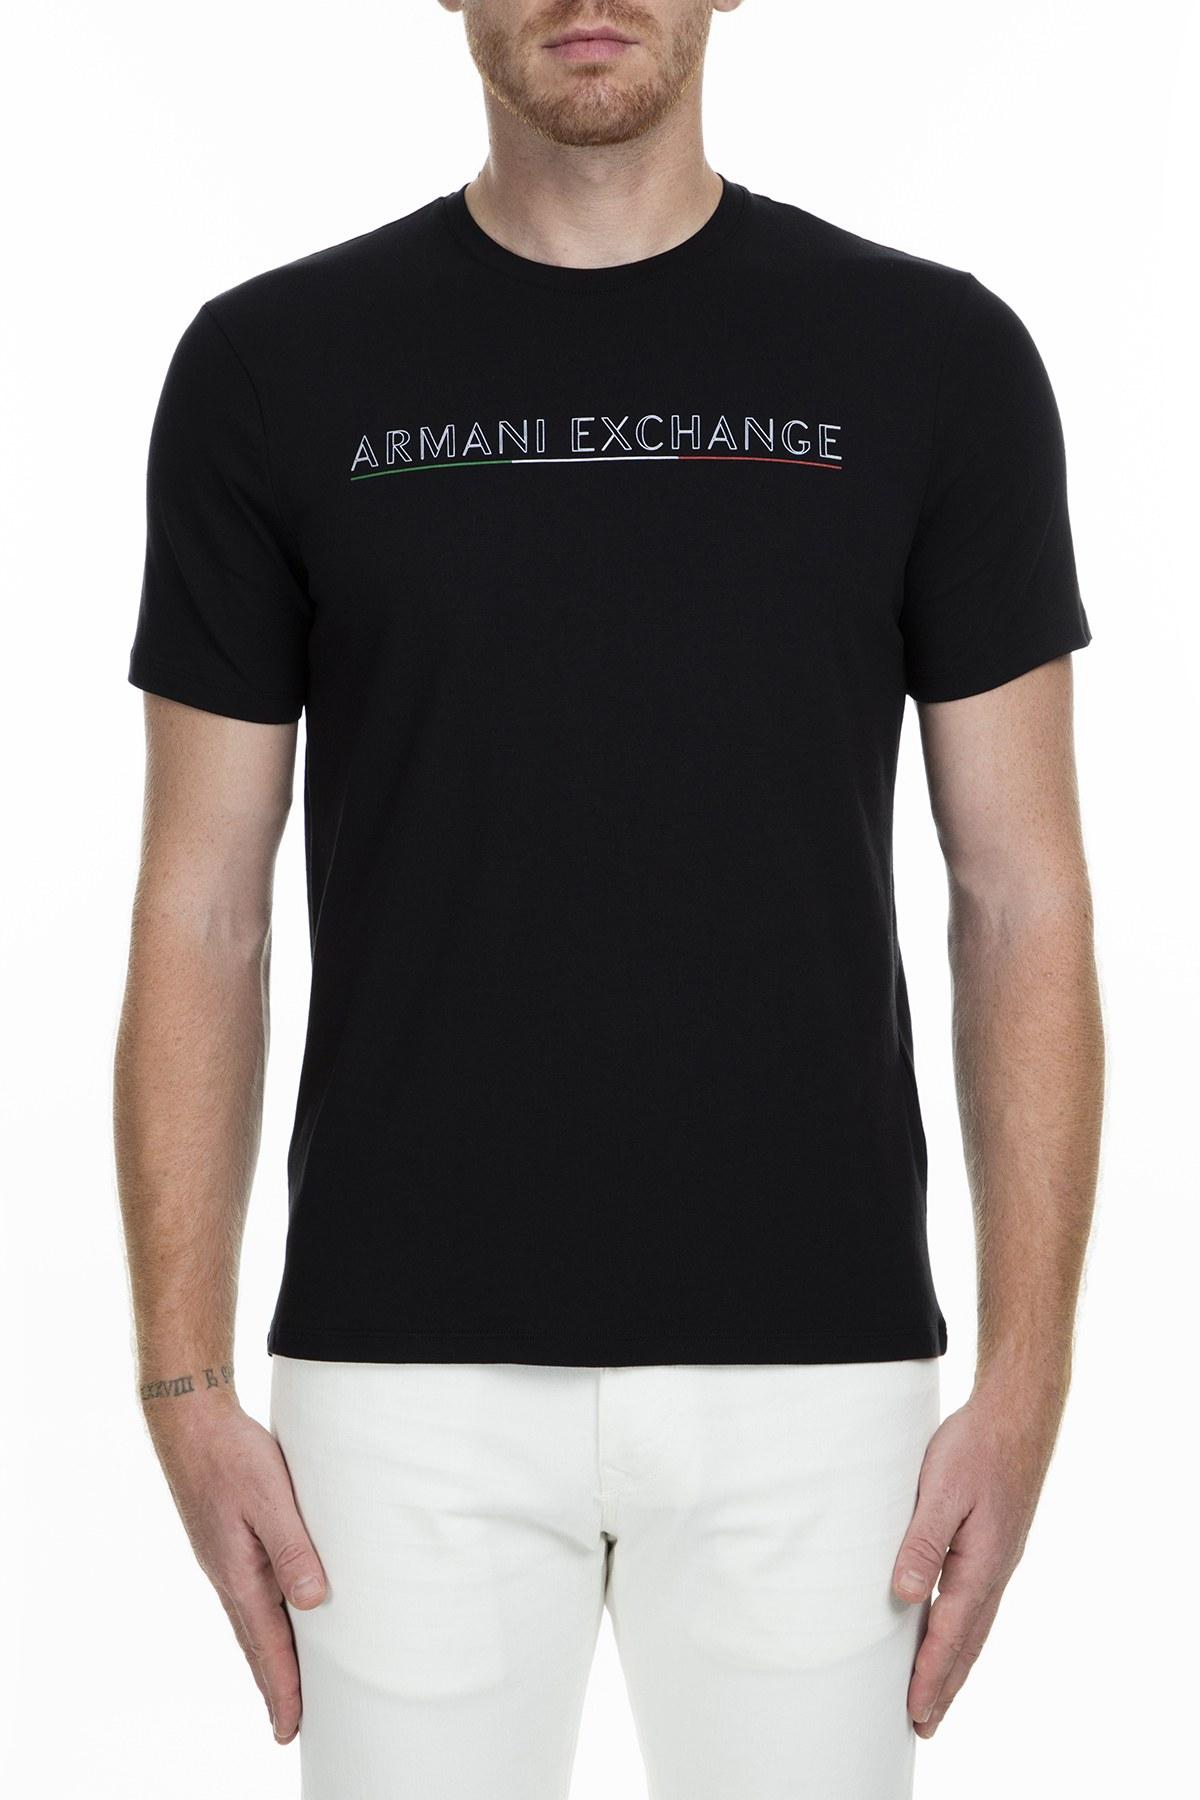 Armani Exchange Erkek T Shirt S 6GZTMI ZJZ6Z 1200 SİYAH